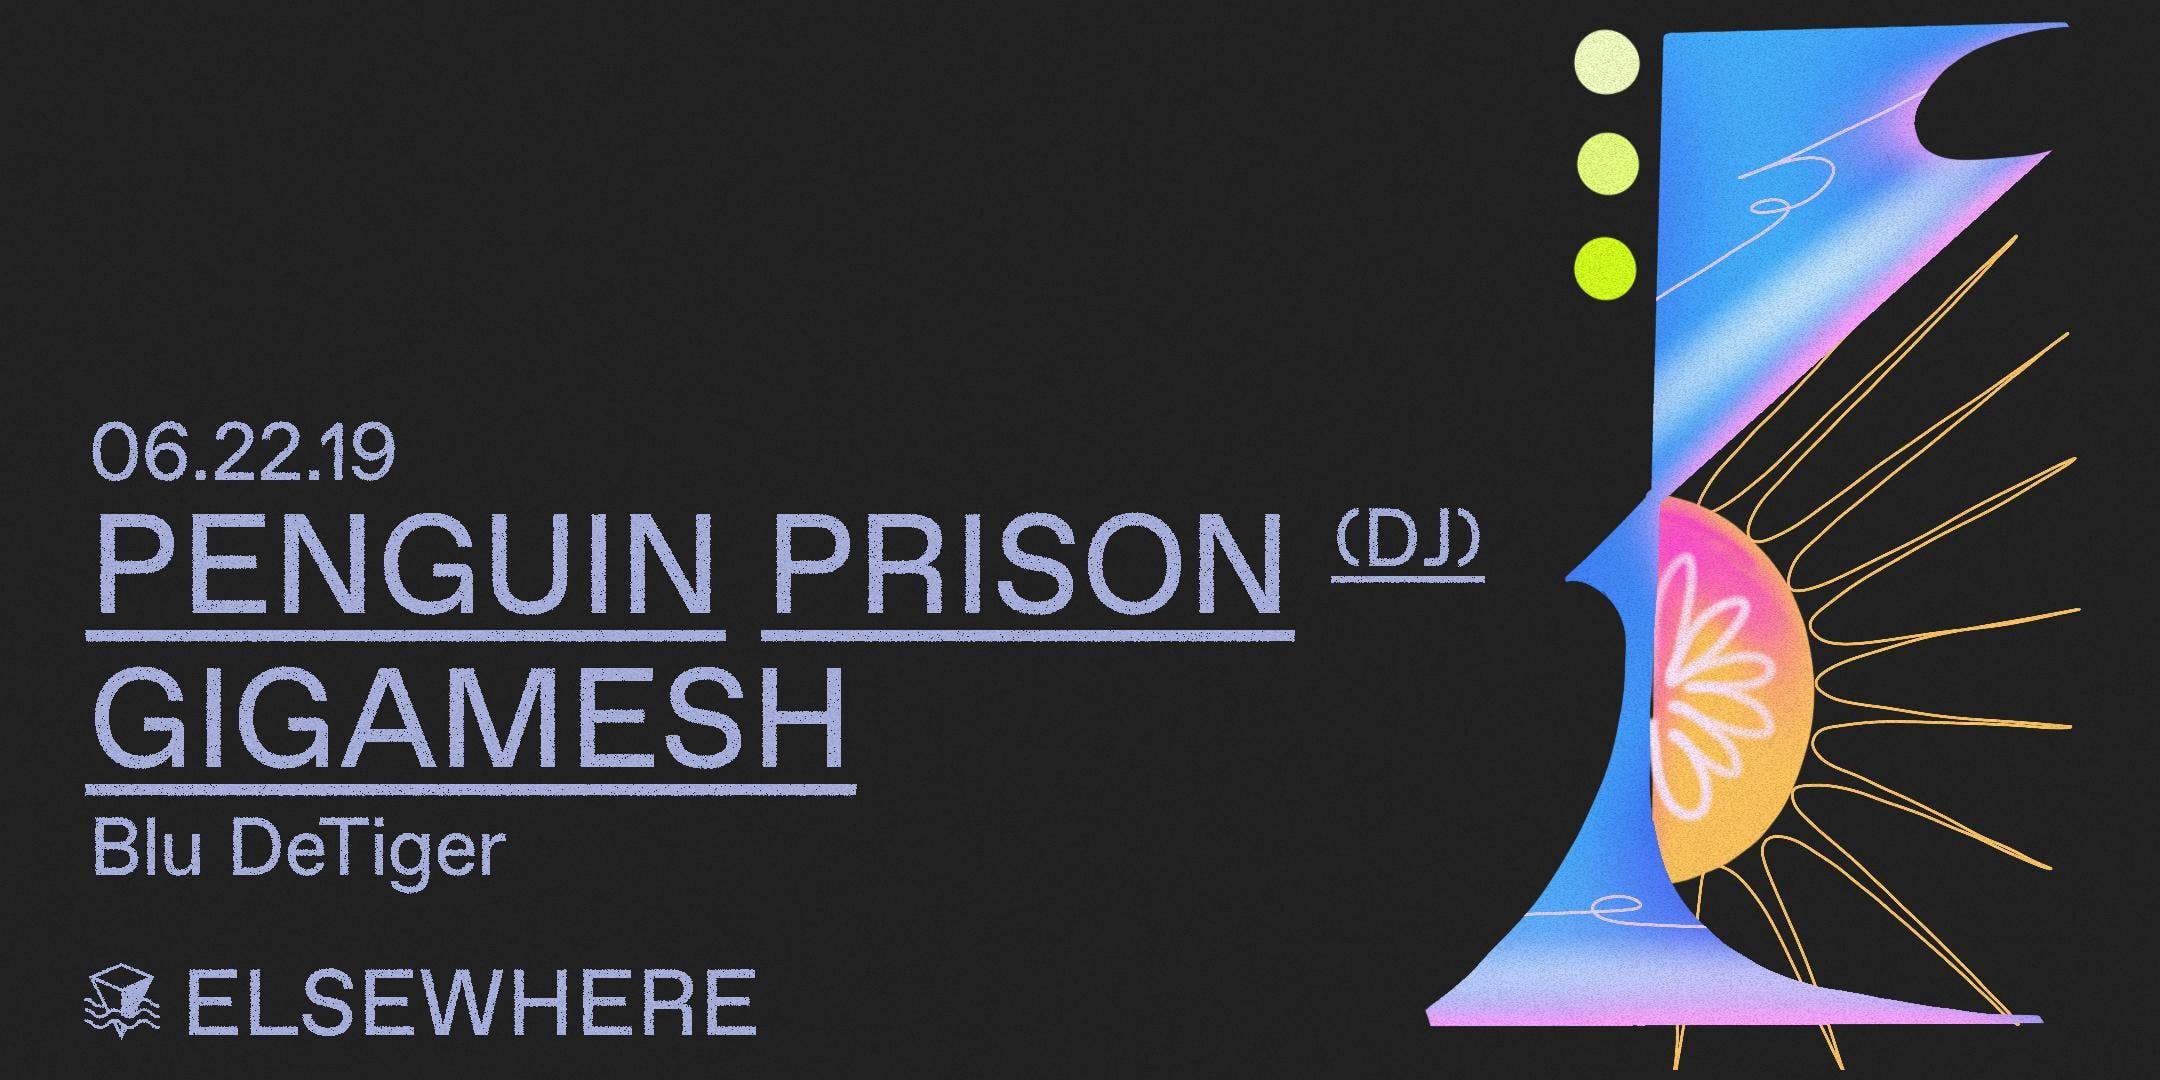 Penguin Prison (DJ Set), Gigamesh & Blu DeTiger